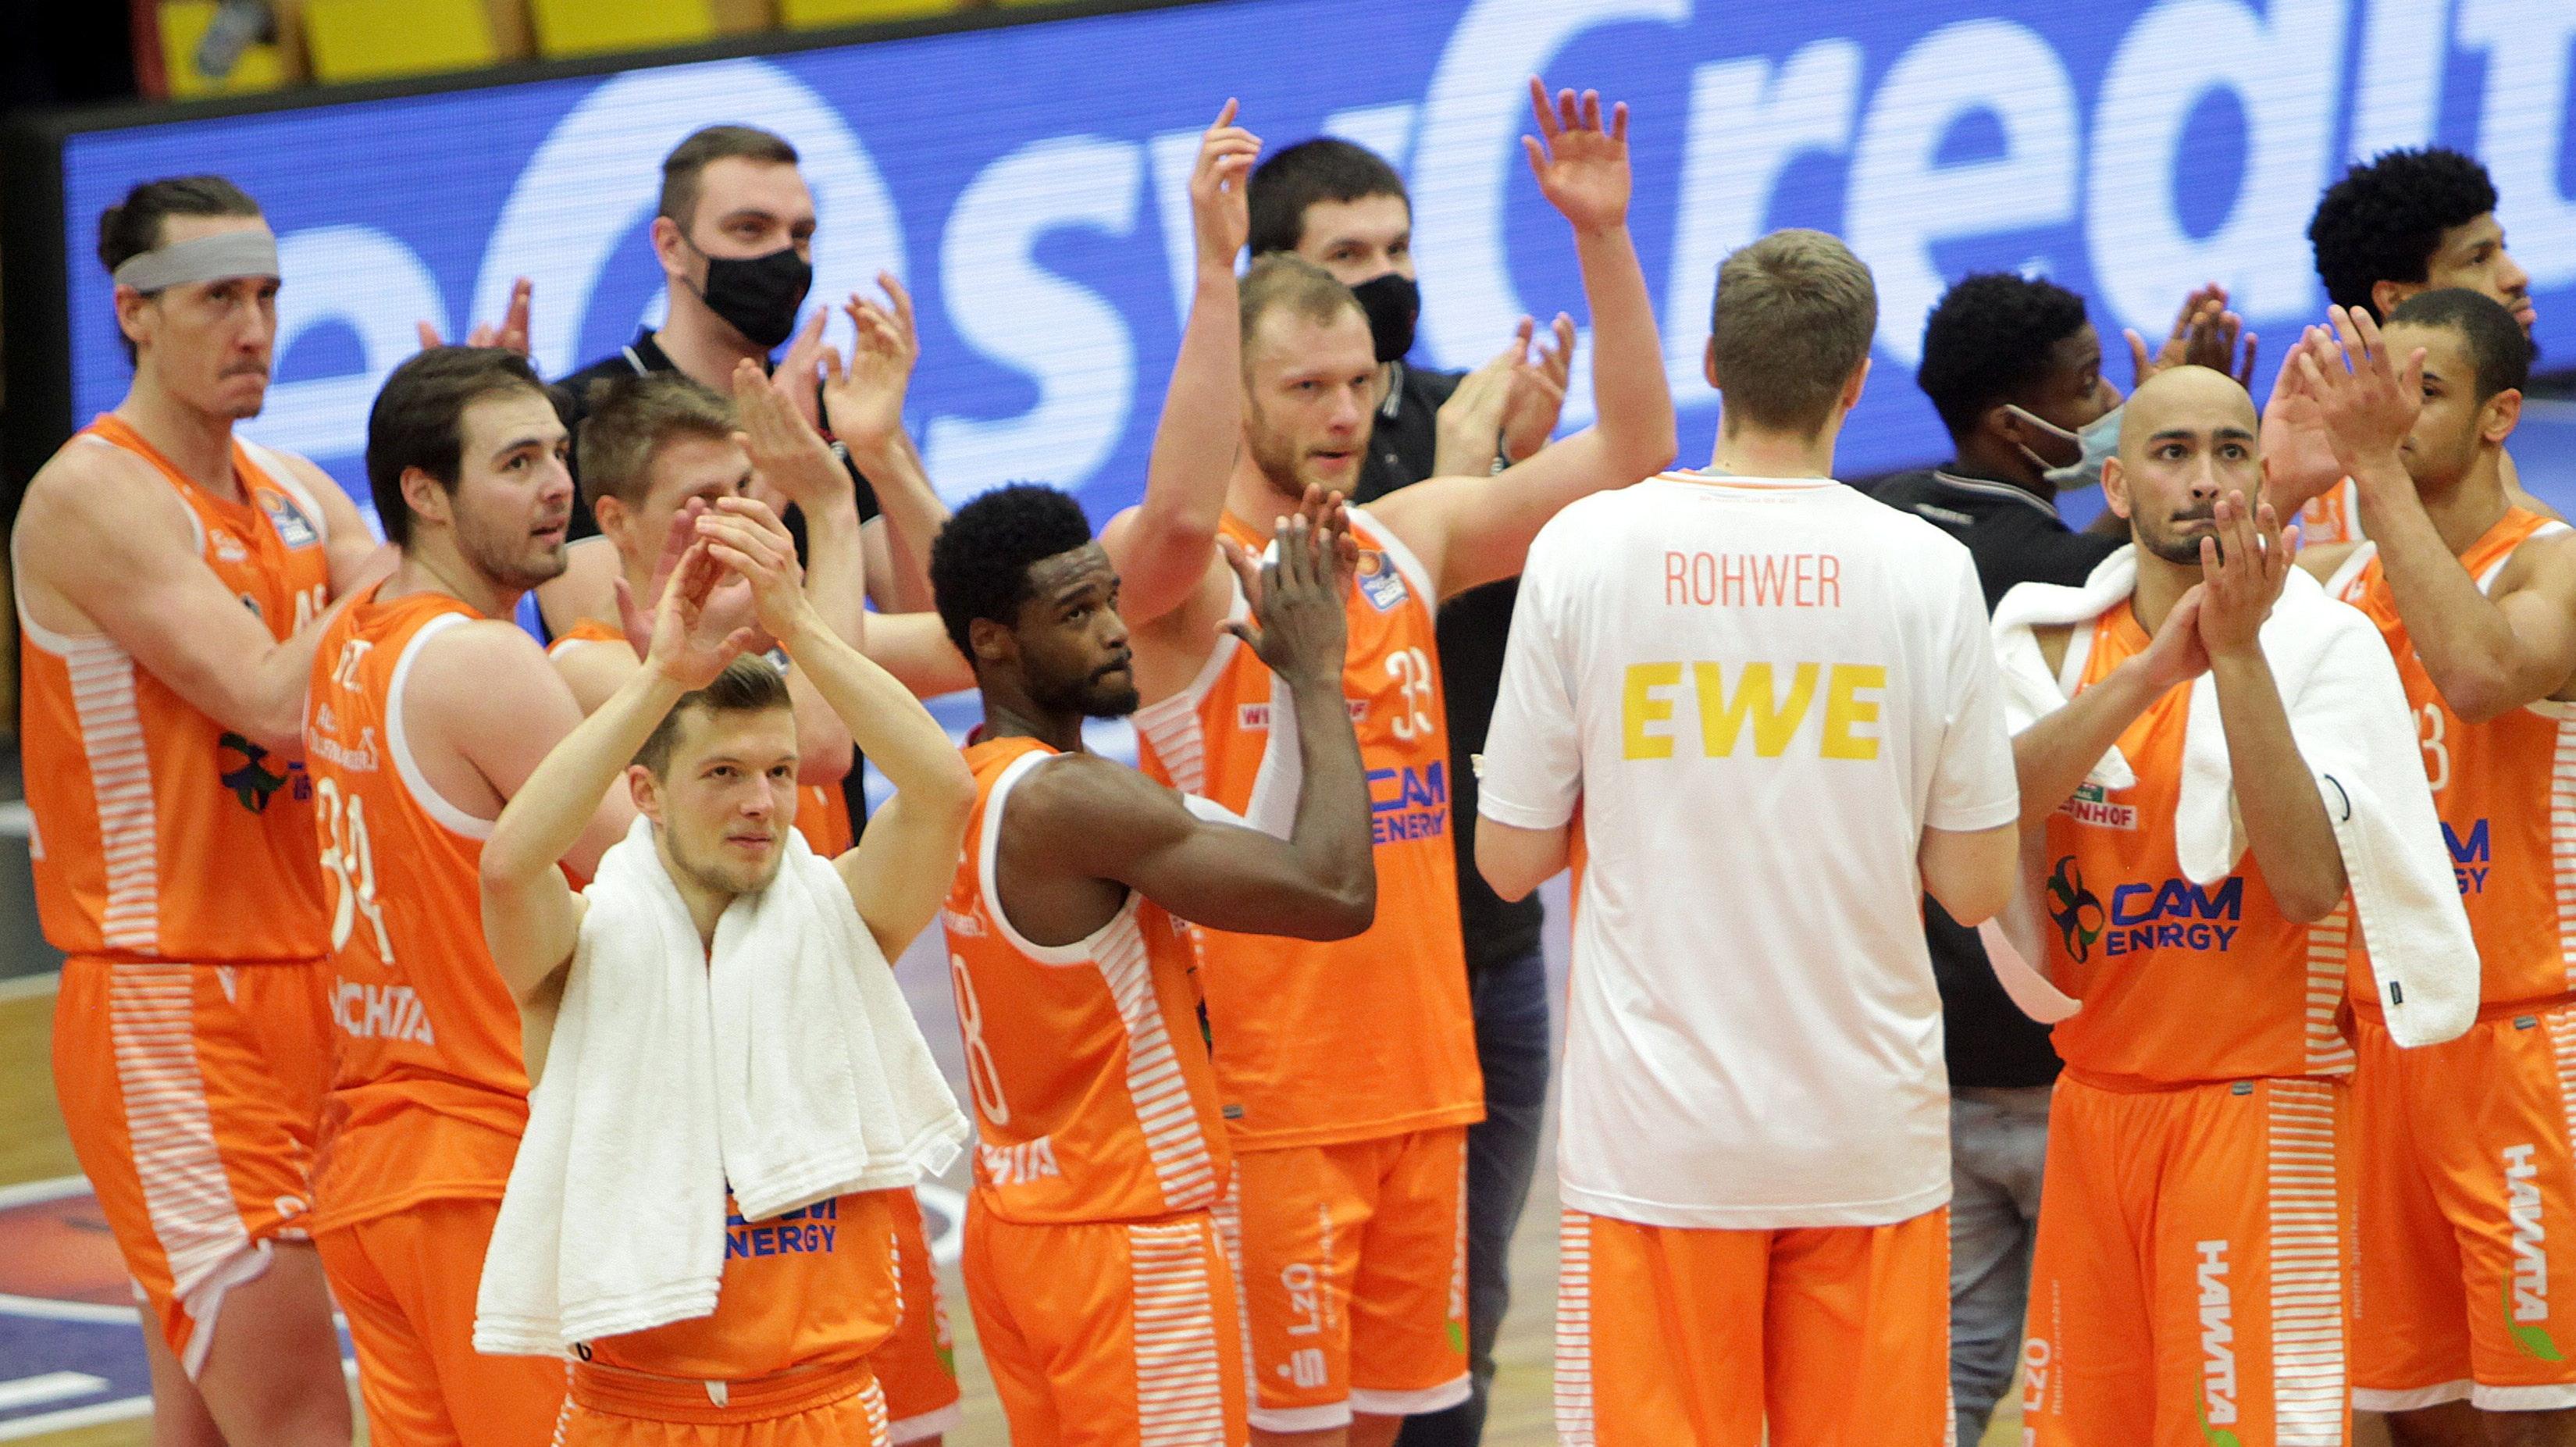 Ein Gruß in den Oberrang: Rastas Spieler nach dem wichtigen Sieg gegen Gießen; im Oberrang saß die Klubführung. Fotos: Schikora